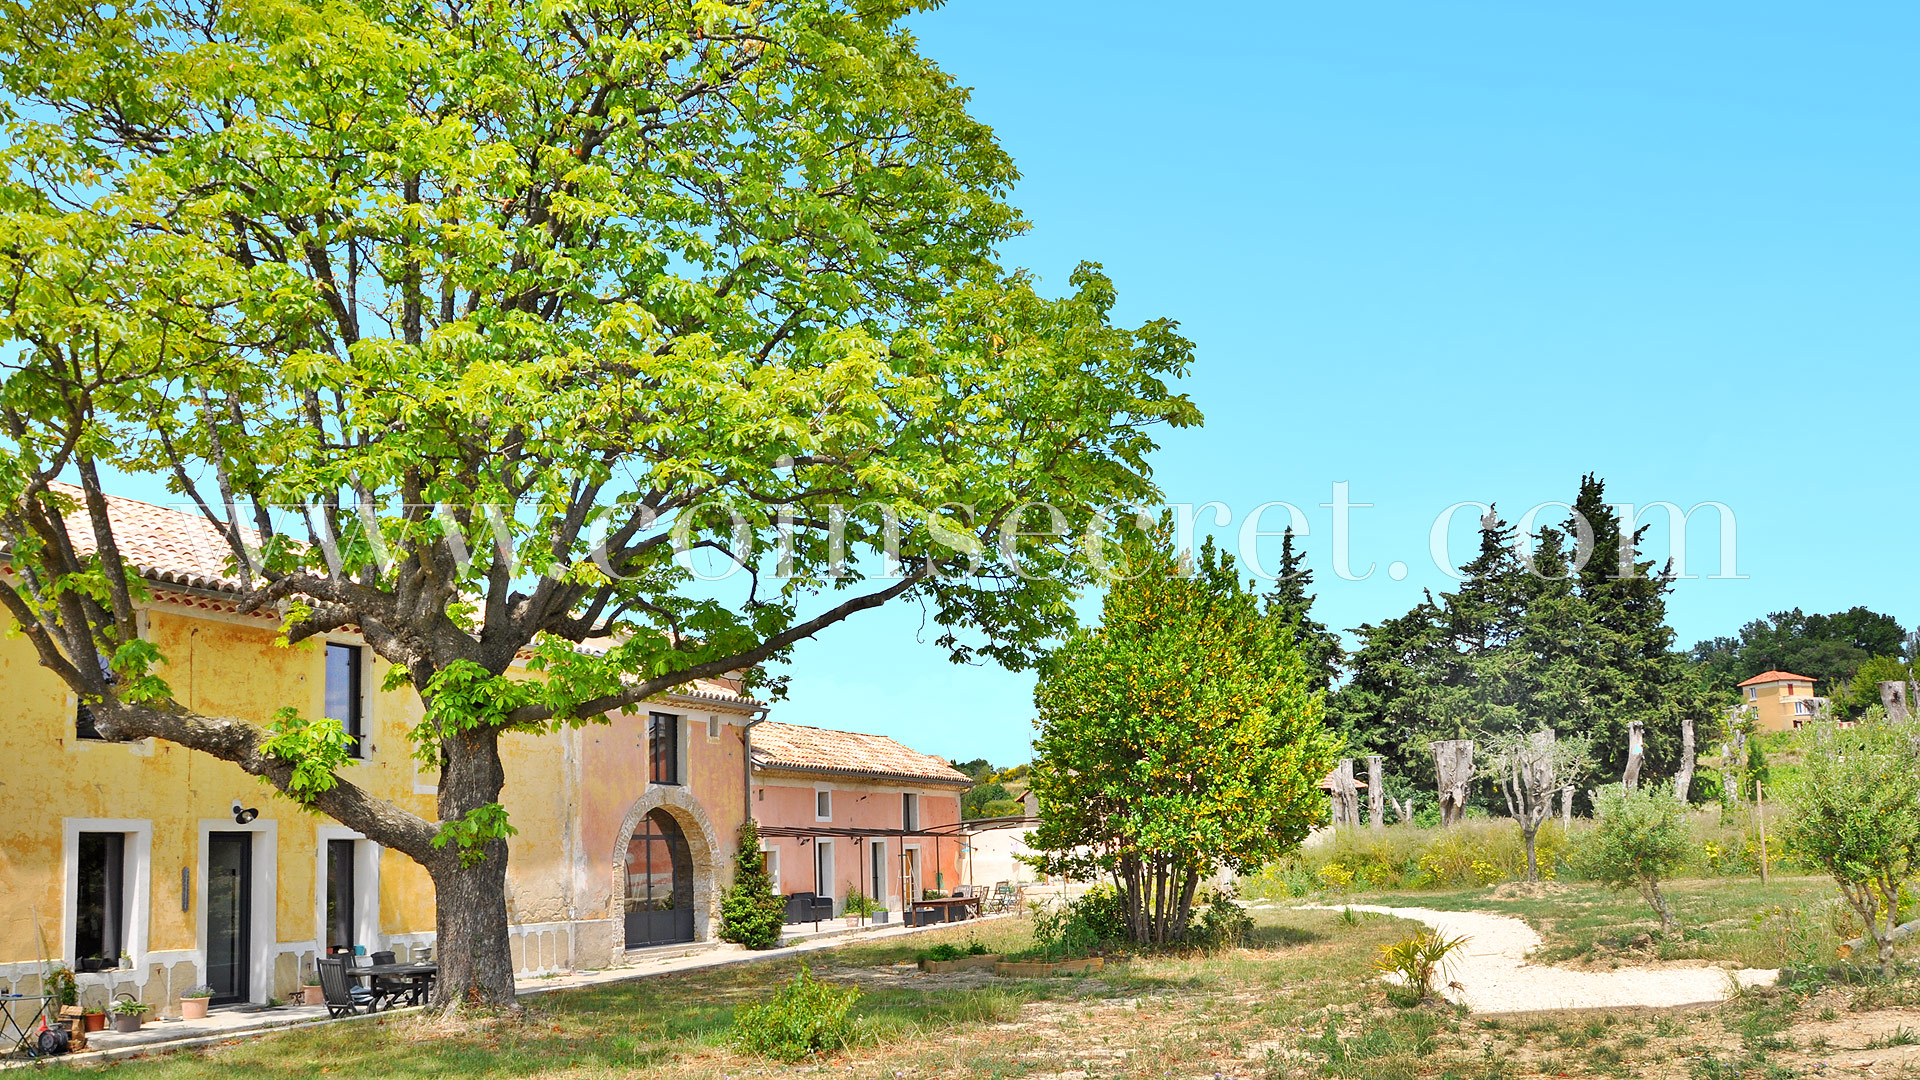 Location D'un Gîte De Vacances Avec Piscine À Tulette En ... tout Piscine Drome